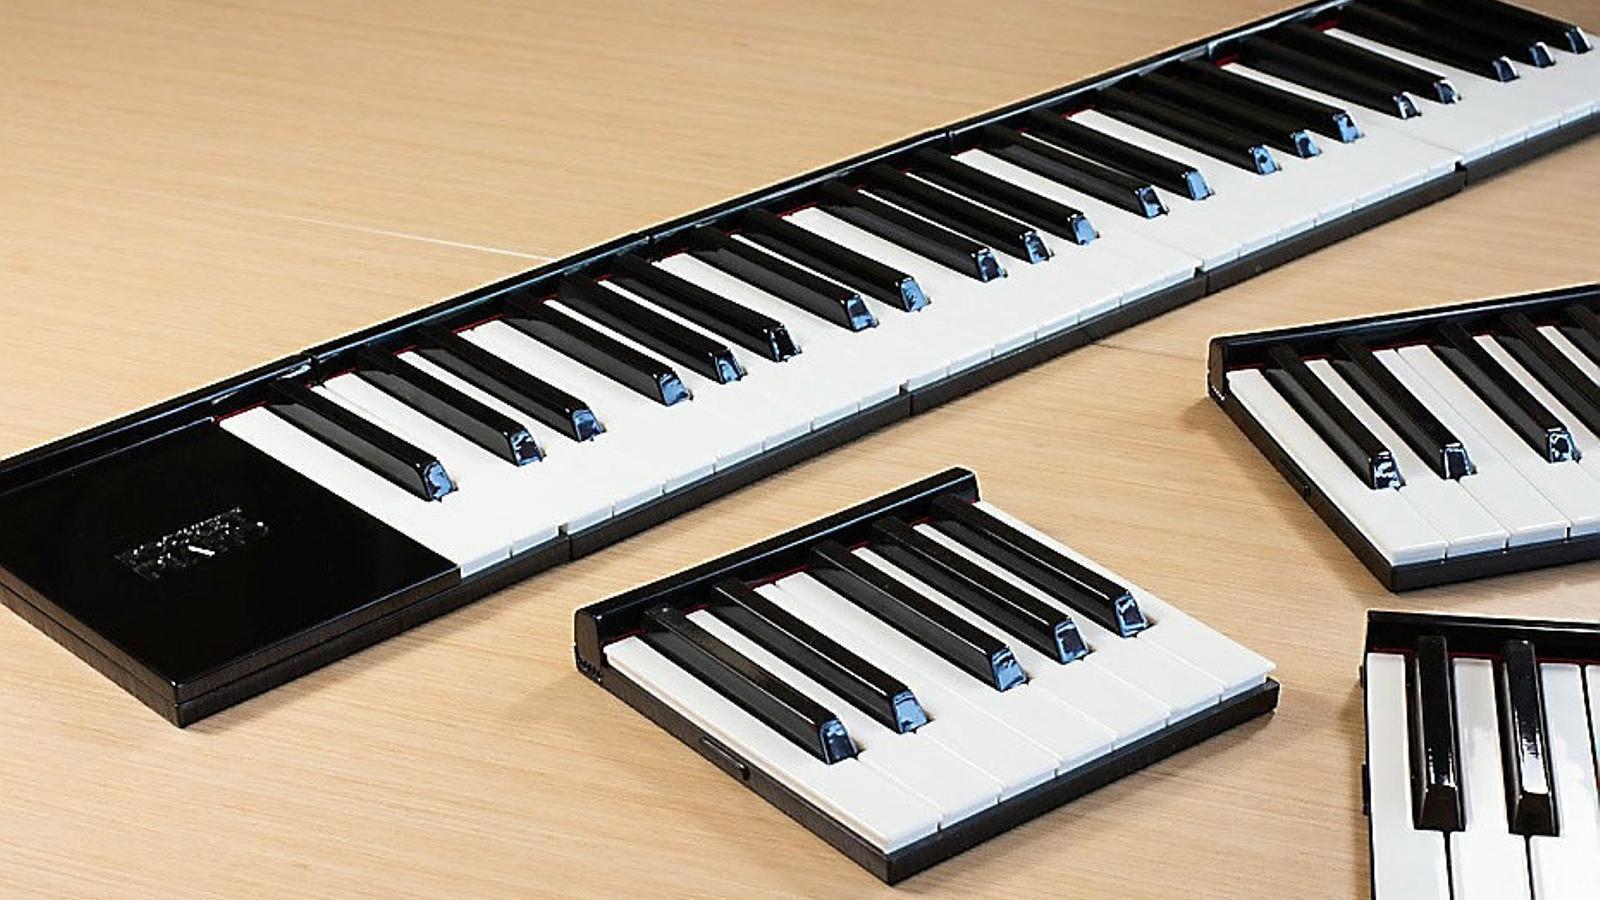 El Pocket Piano presentat ahir.